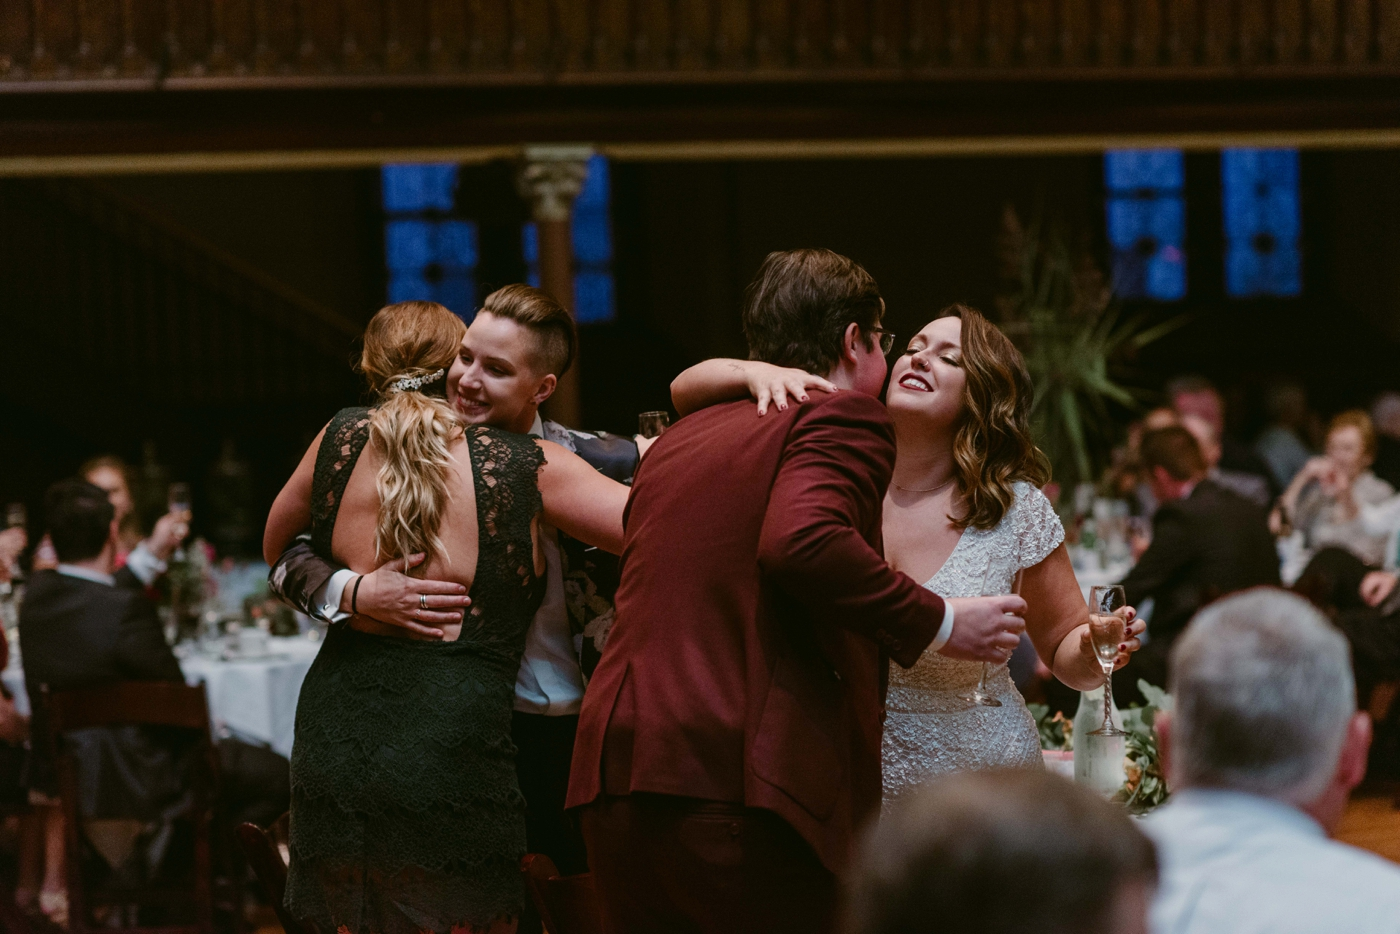 Buffalo-Wedding-Babeville-NY-Courtney+Liz_MJPHOTO-742.jpg